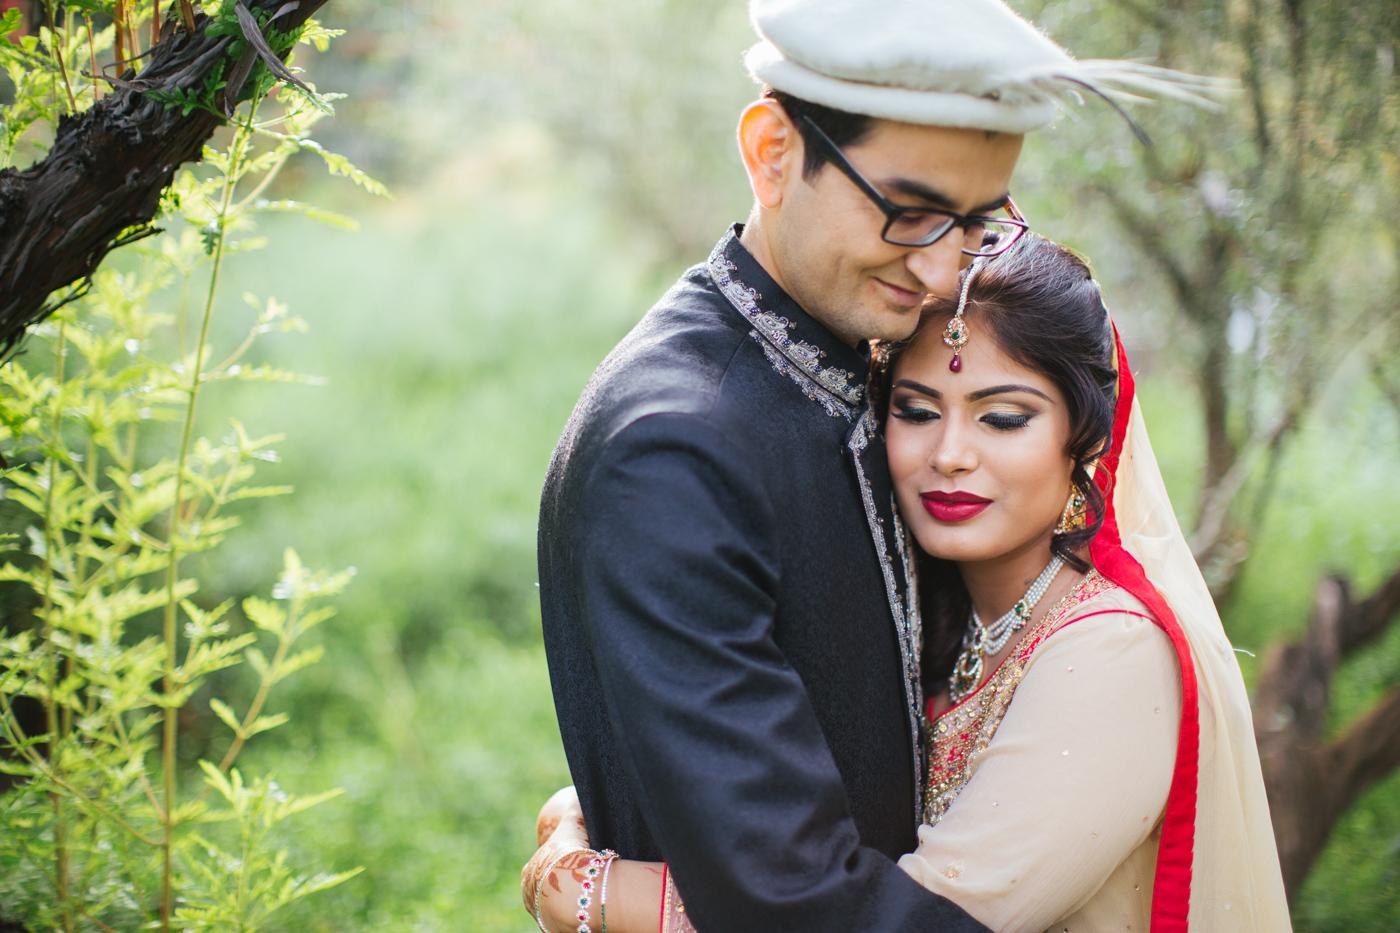 Indian sikh wedding in UC Davis Arboretum during the Autumn season